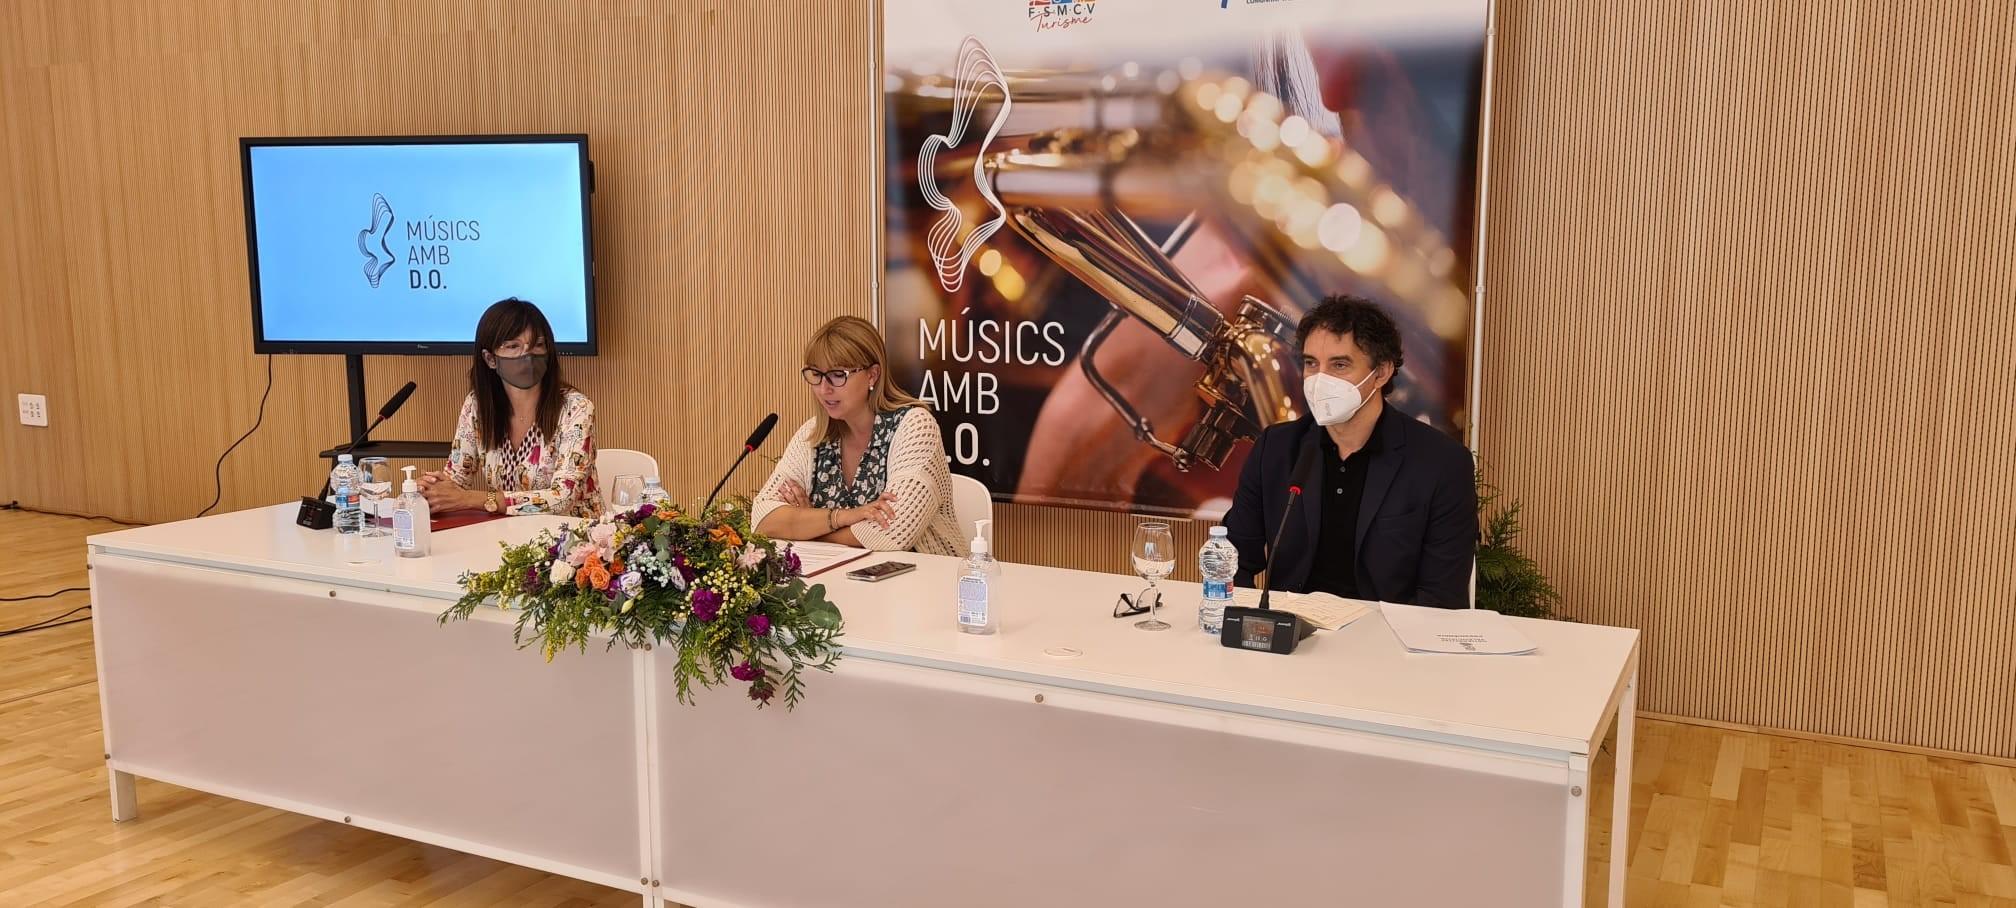 """Turisme CV i la Federació de Societats Musicals de la Comunitat Valenciana llancen la campanya """"Músics amb D.O."""""""